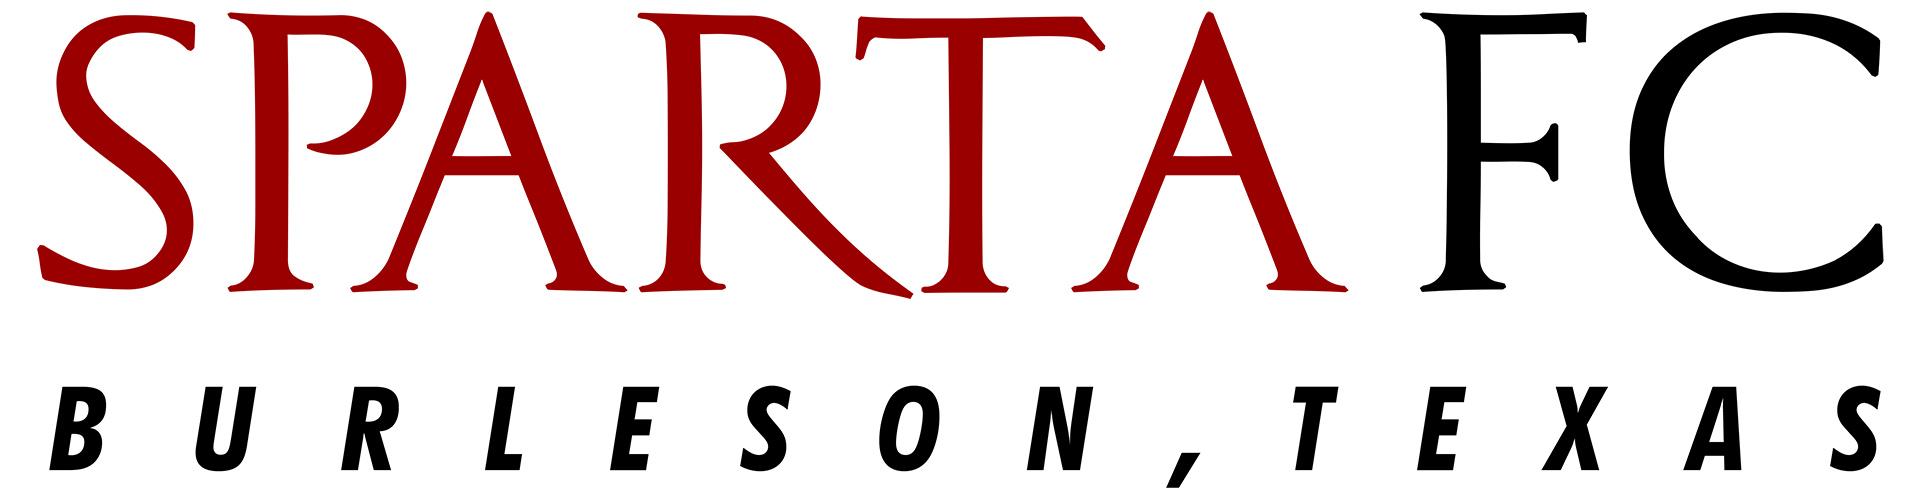 Spartafc logo website